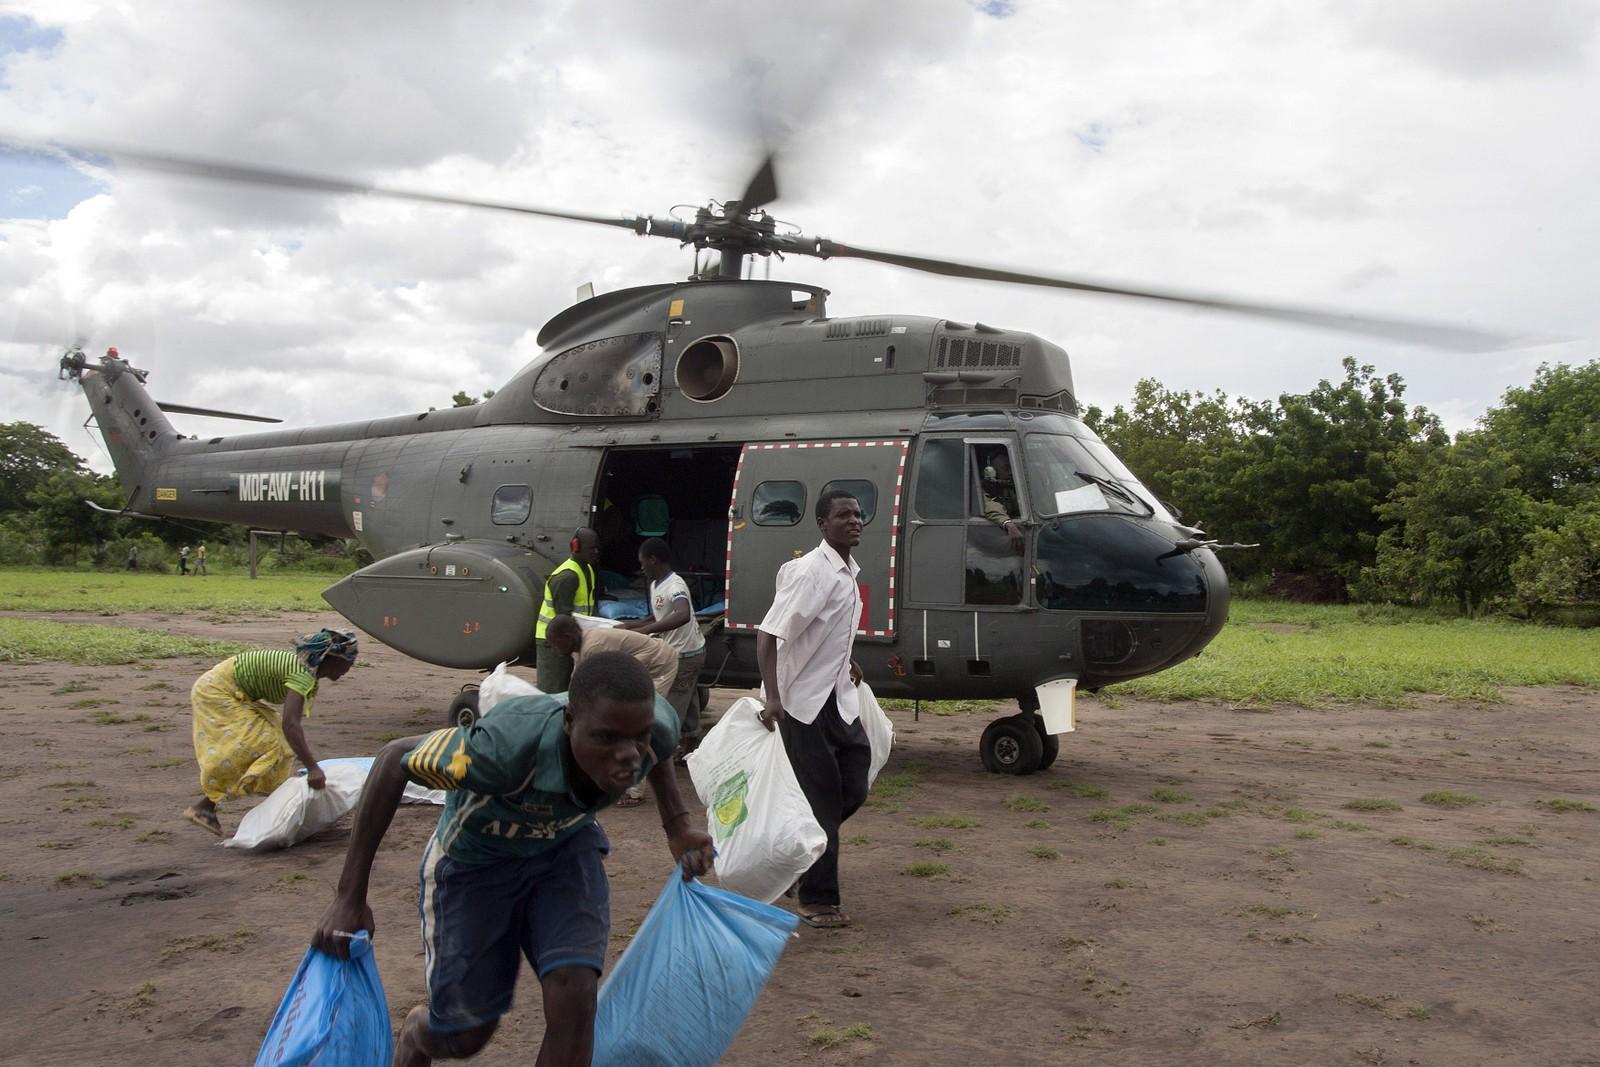 Det er akutt behov for mat i de flomrammede områdene. Energirike kjeks som kan kokes til barnegrøt flys inn til flomofrene.